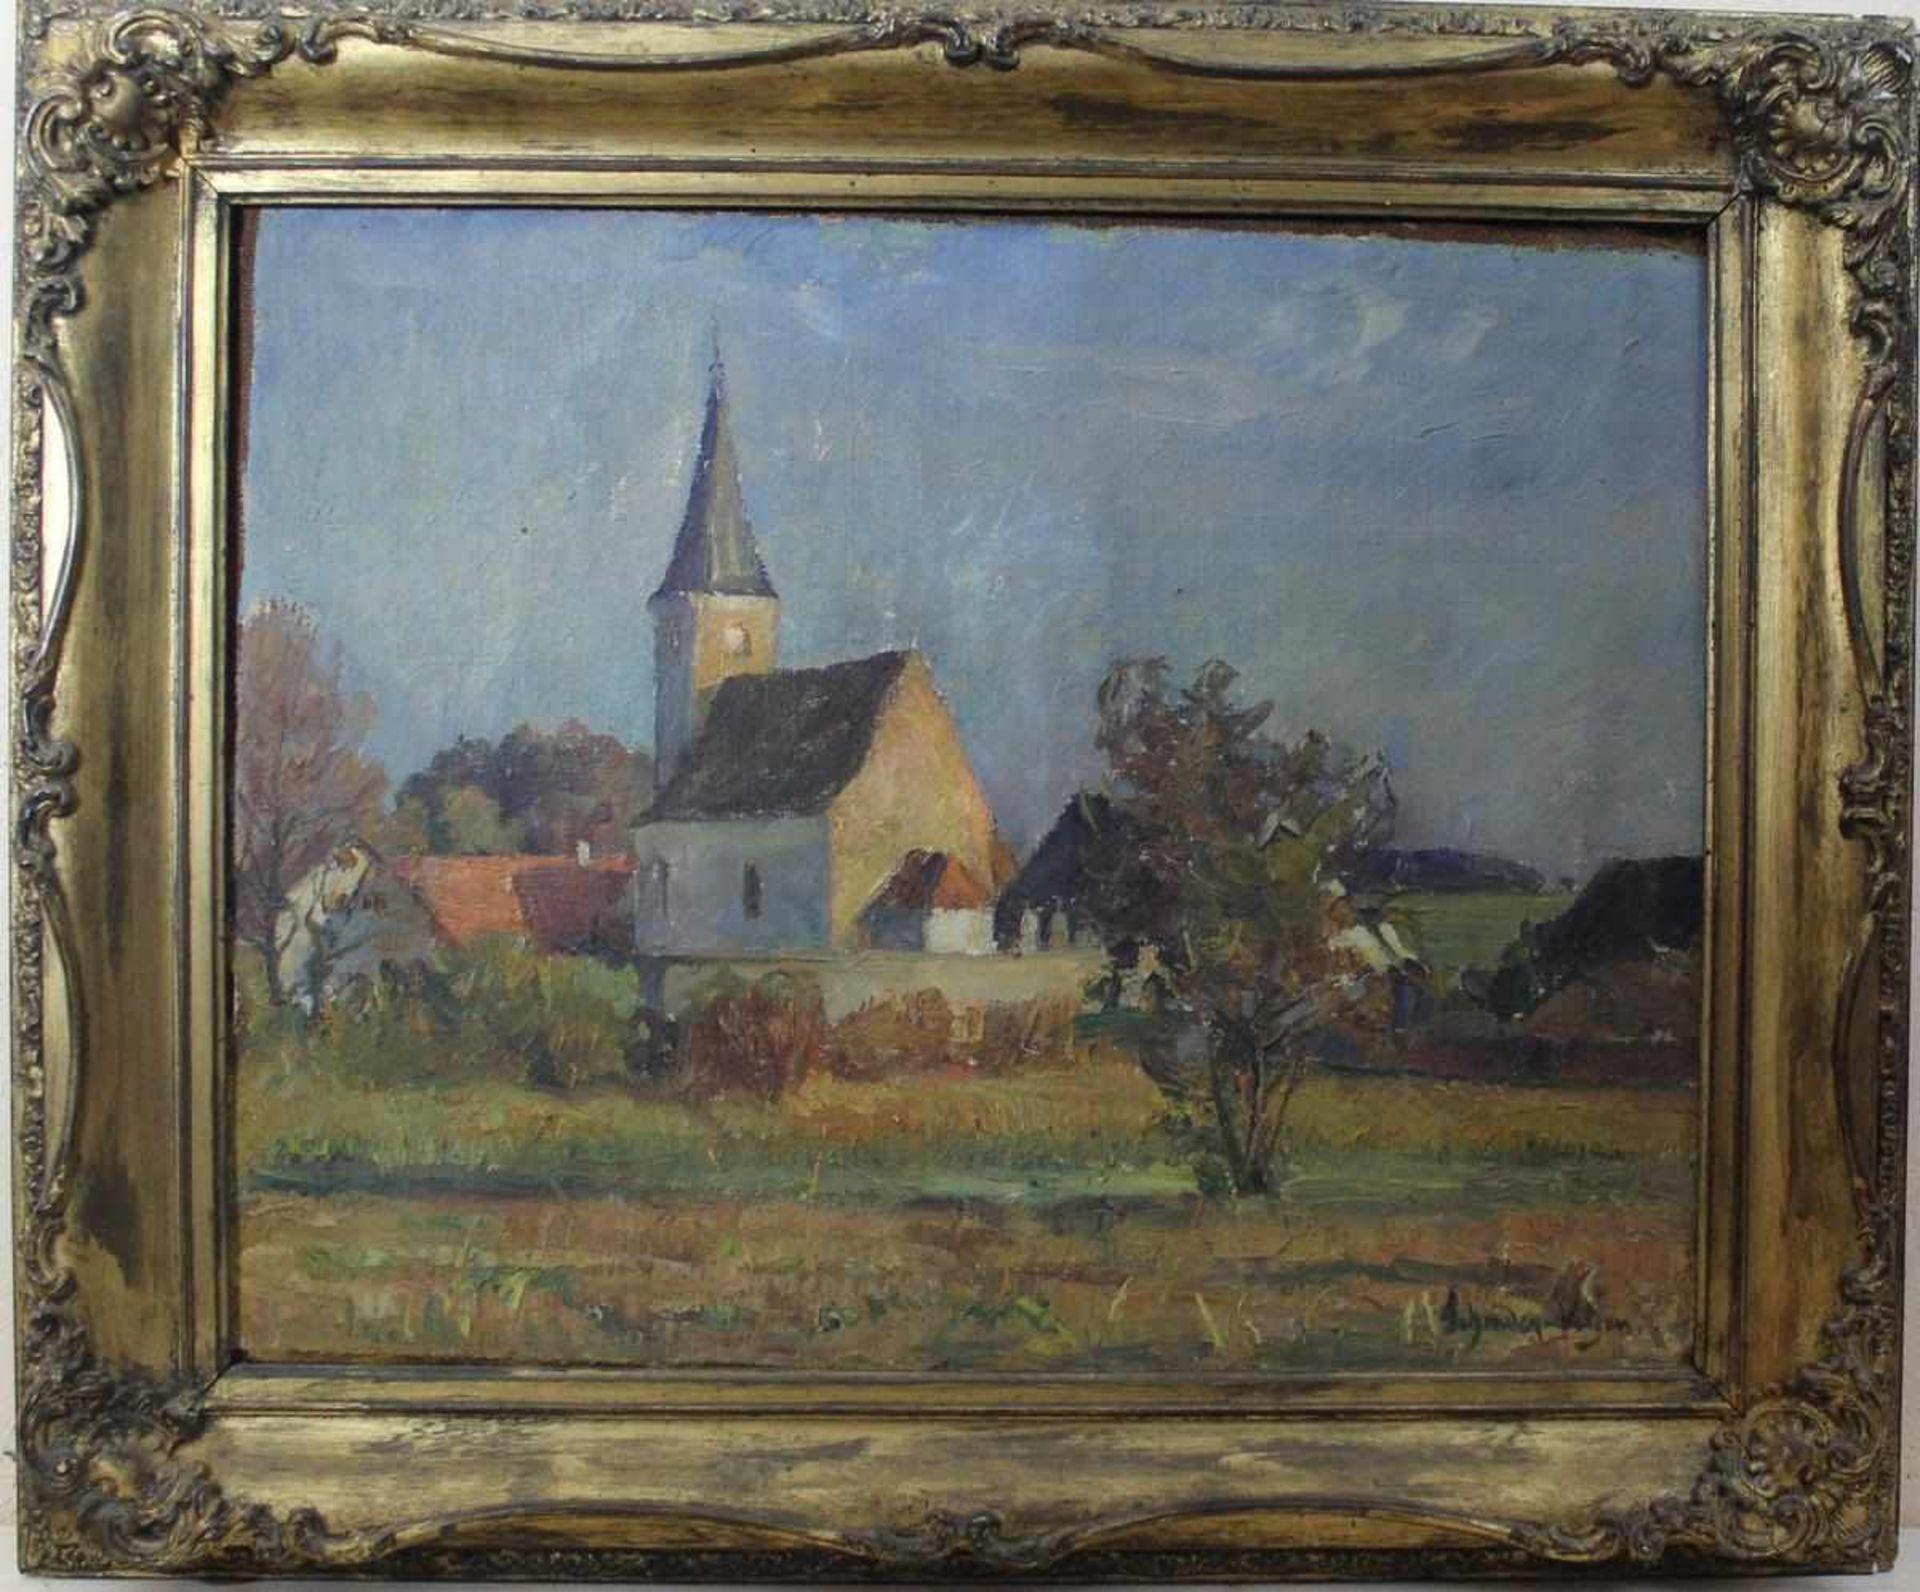 Carl Schrader-Velgen: Ölgemälde Dorfkirche, Öl auf Leinwand, Holzrahmen mit Stuckauflage, ca. 51 x